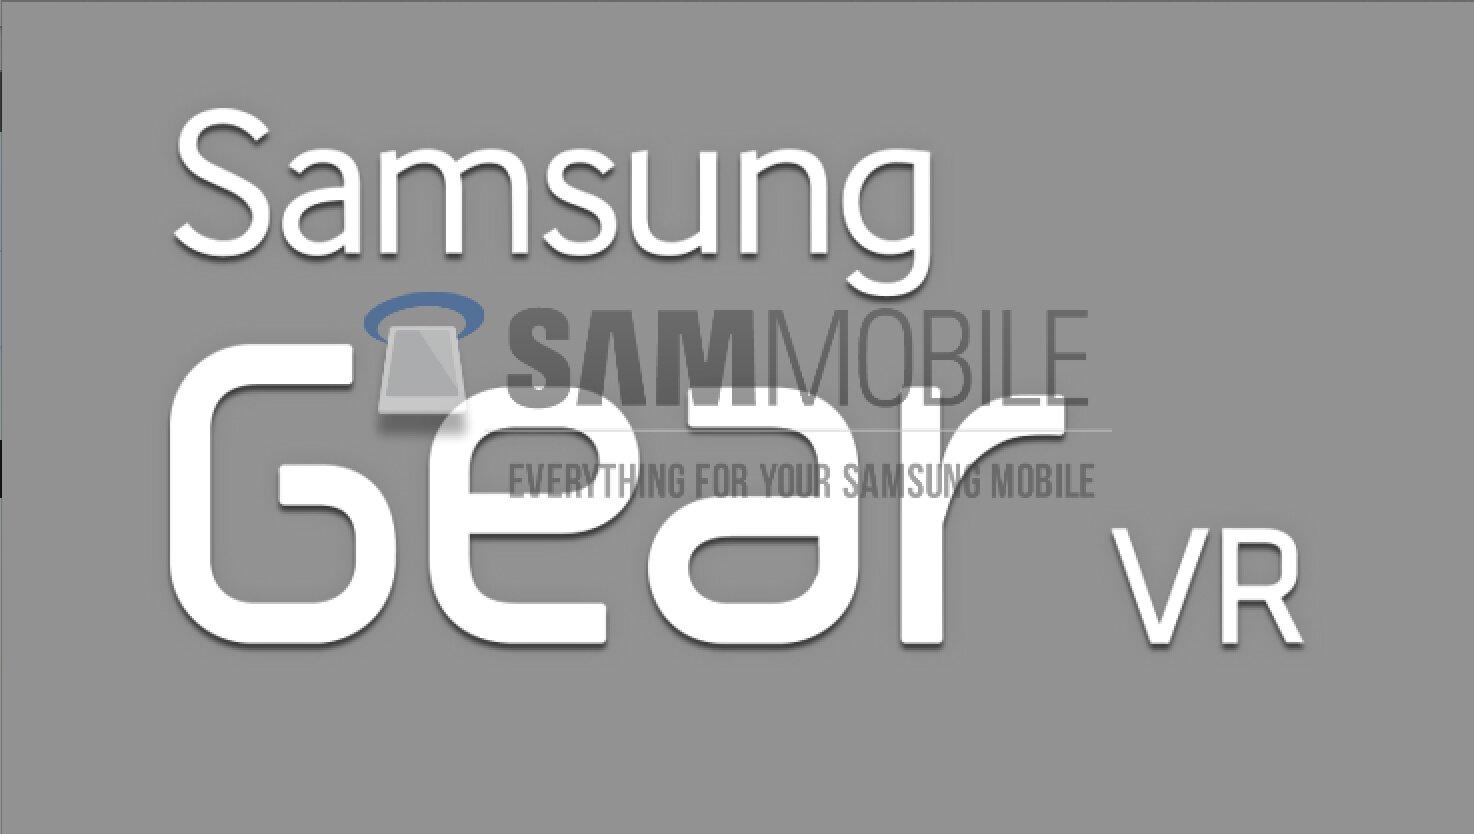 Rò rỉ hình ảnh thiết bị thực tế ảo Samsung Gear VR